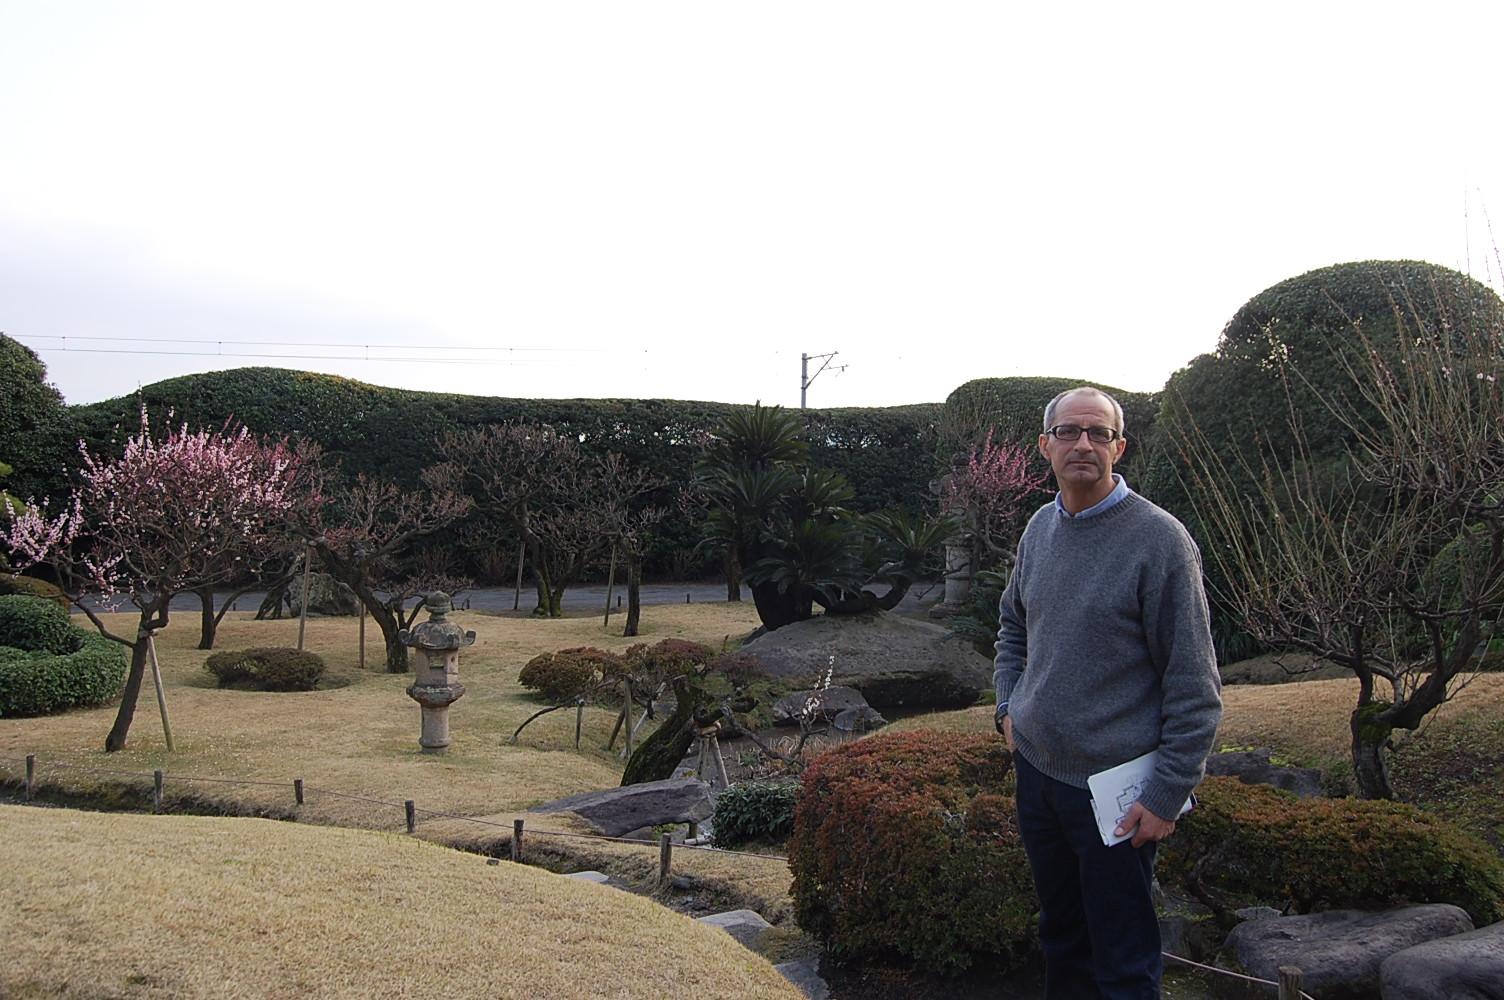 シチリア人日本滞在記 九州 その弐 バゥ_d0084229_19244620.jpg